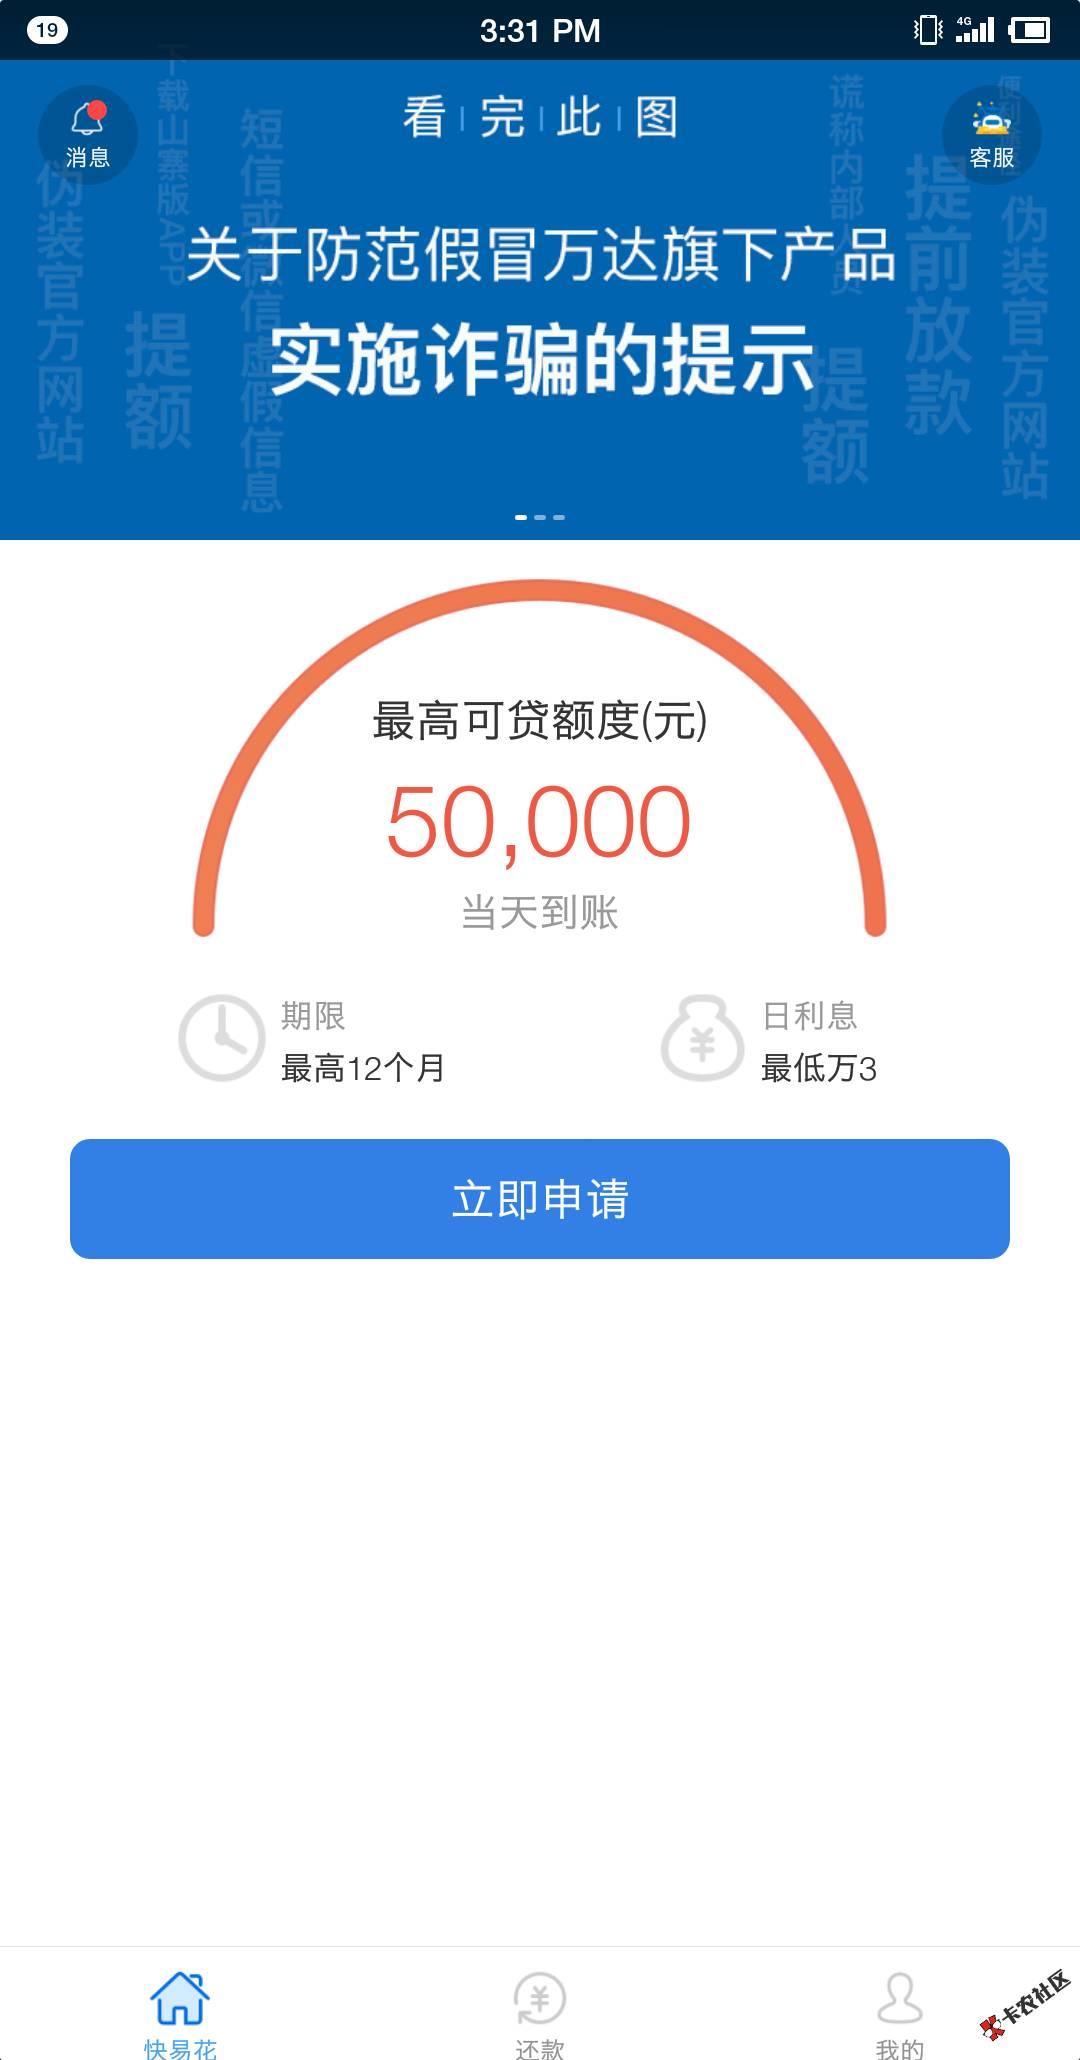 热门下款推荐:【快易花】稳定放款中,有需要的可以来32 / 作者:卡农小宅 /